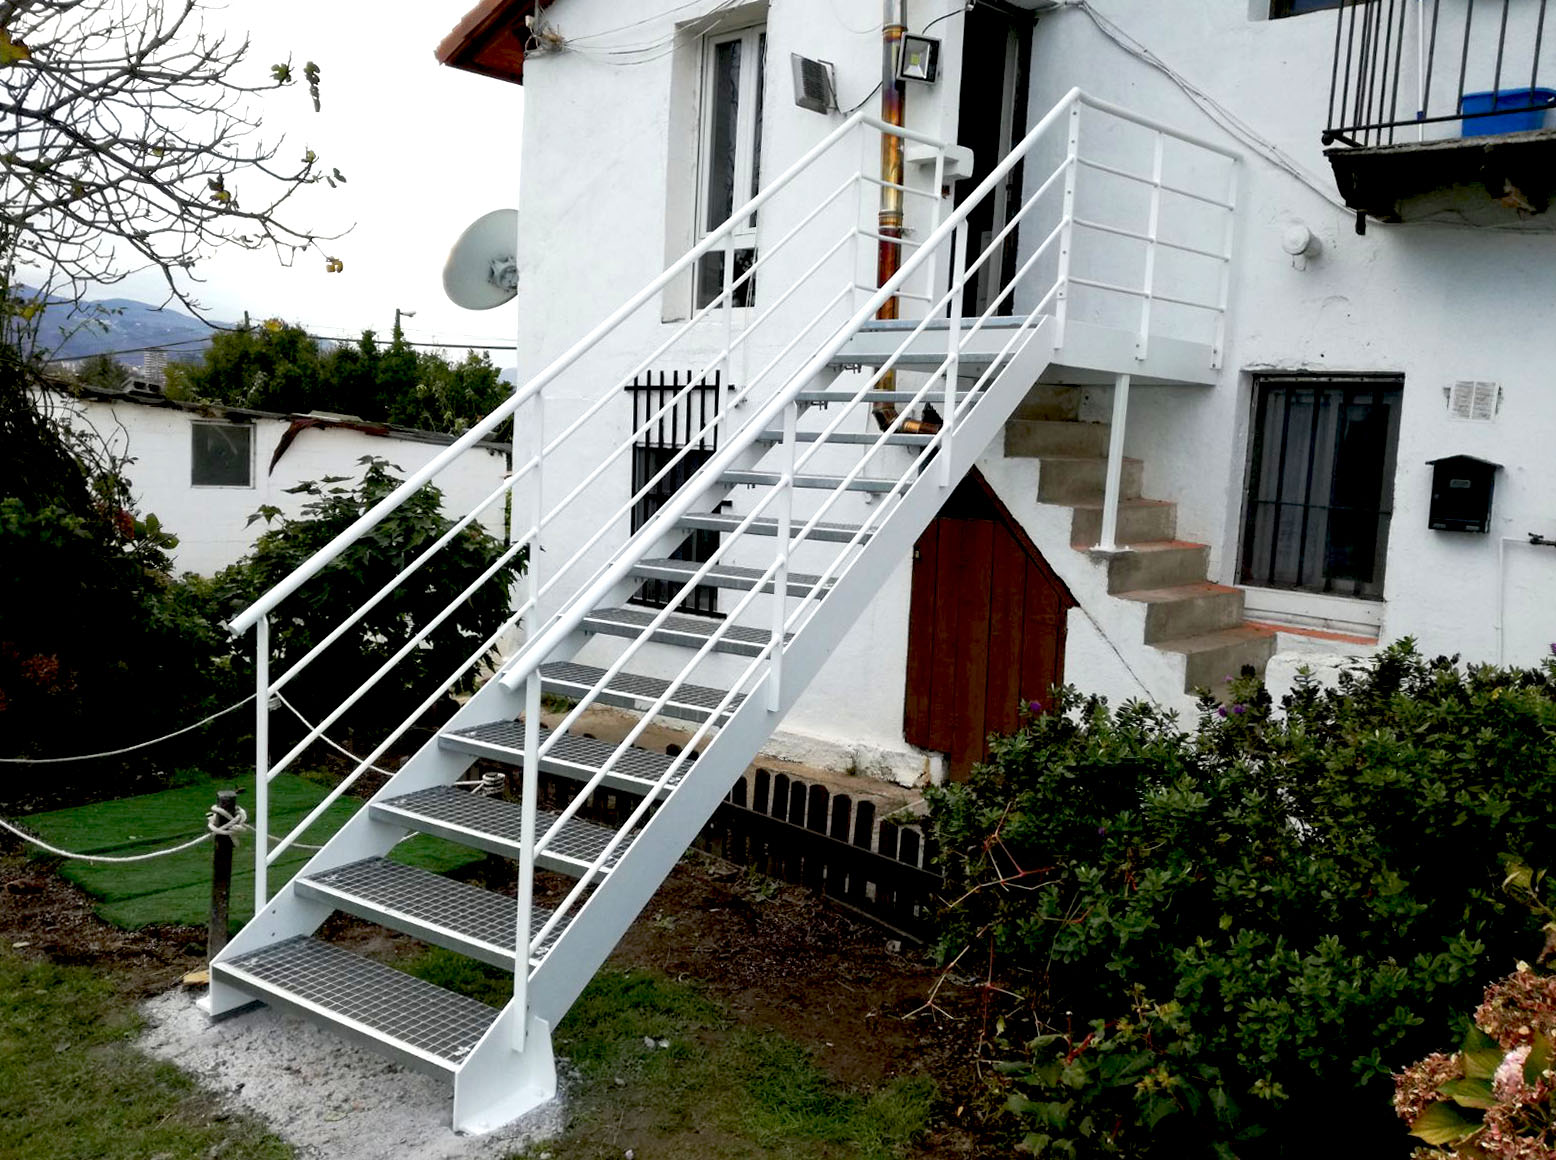 Escalera modelo erandio exterior para acceso a vivienda - Escaleras para viviendas ...